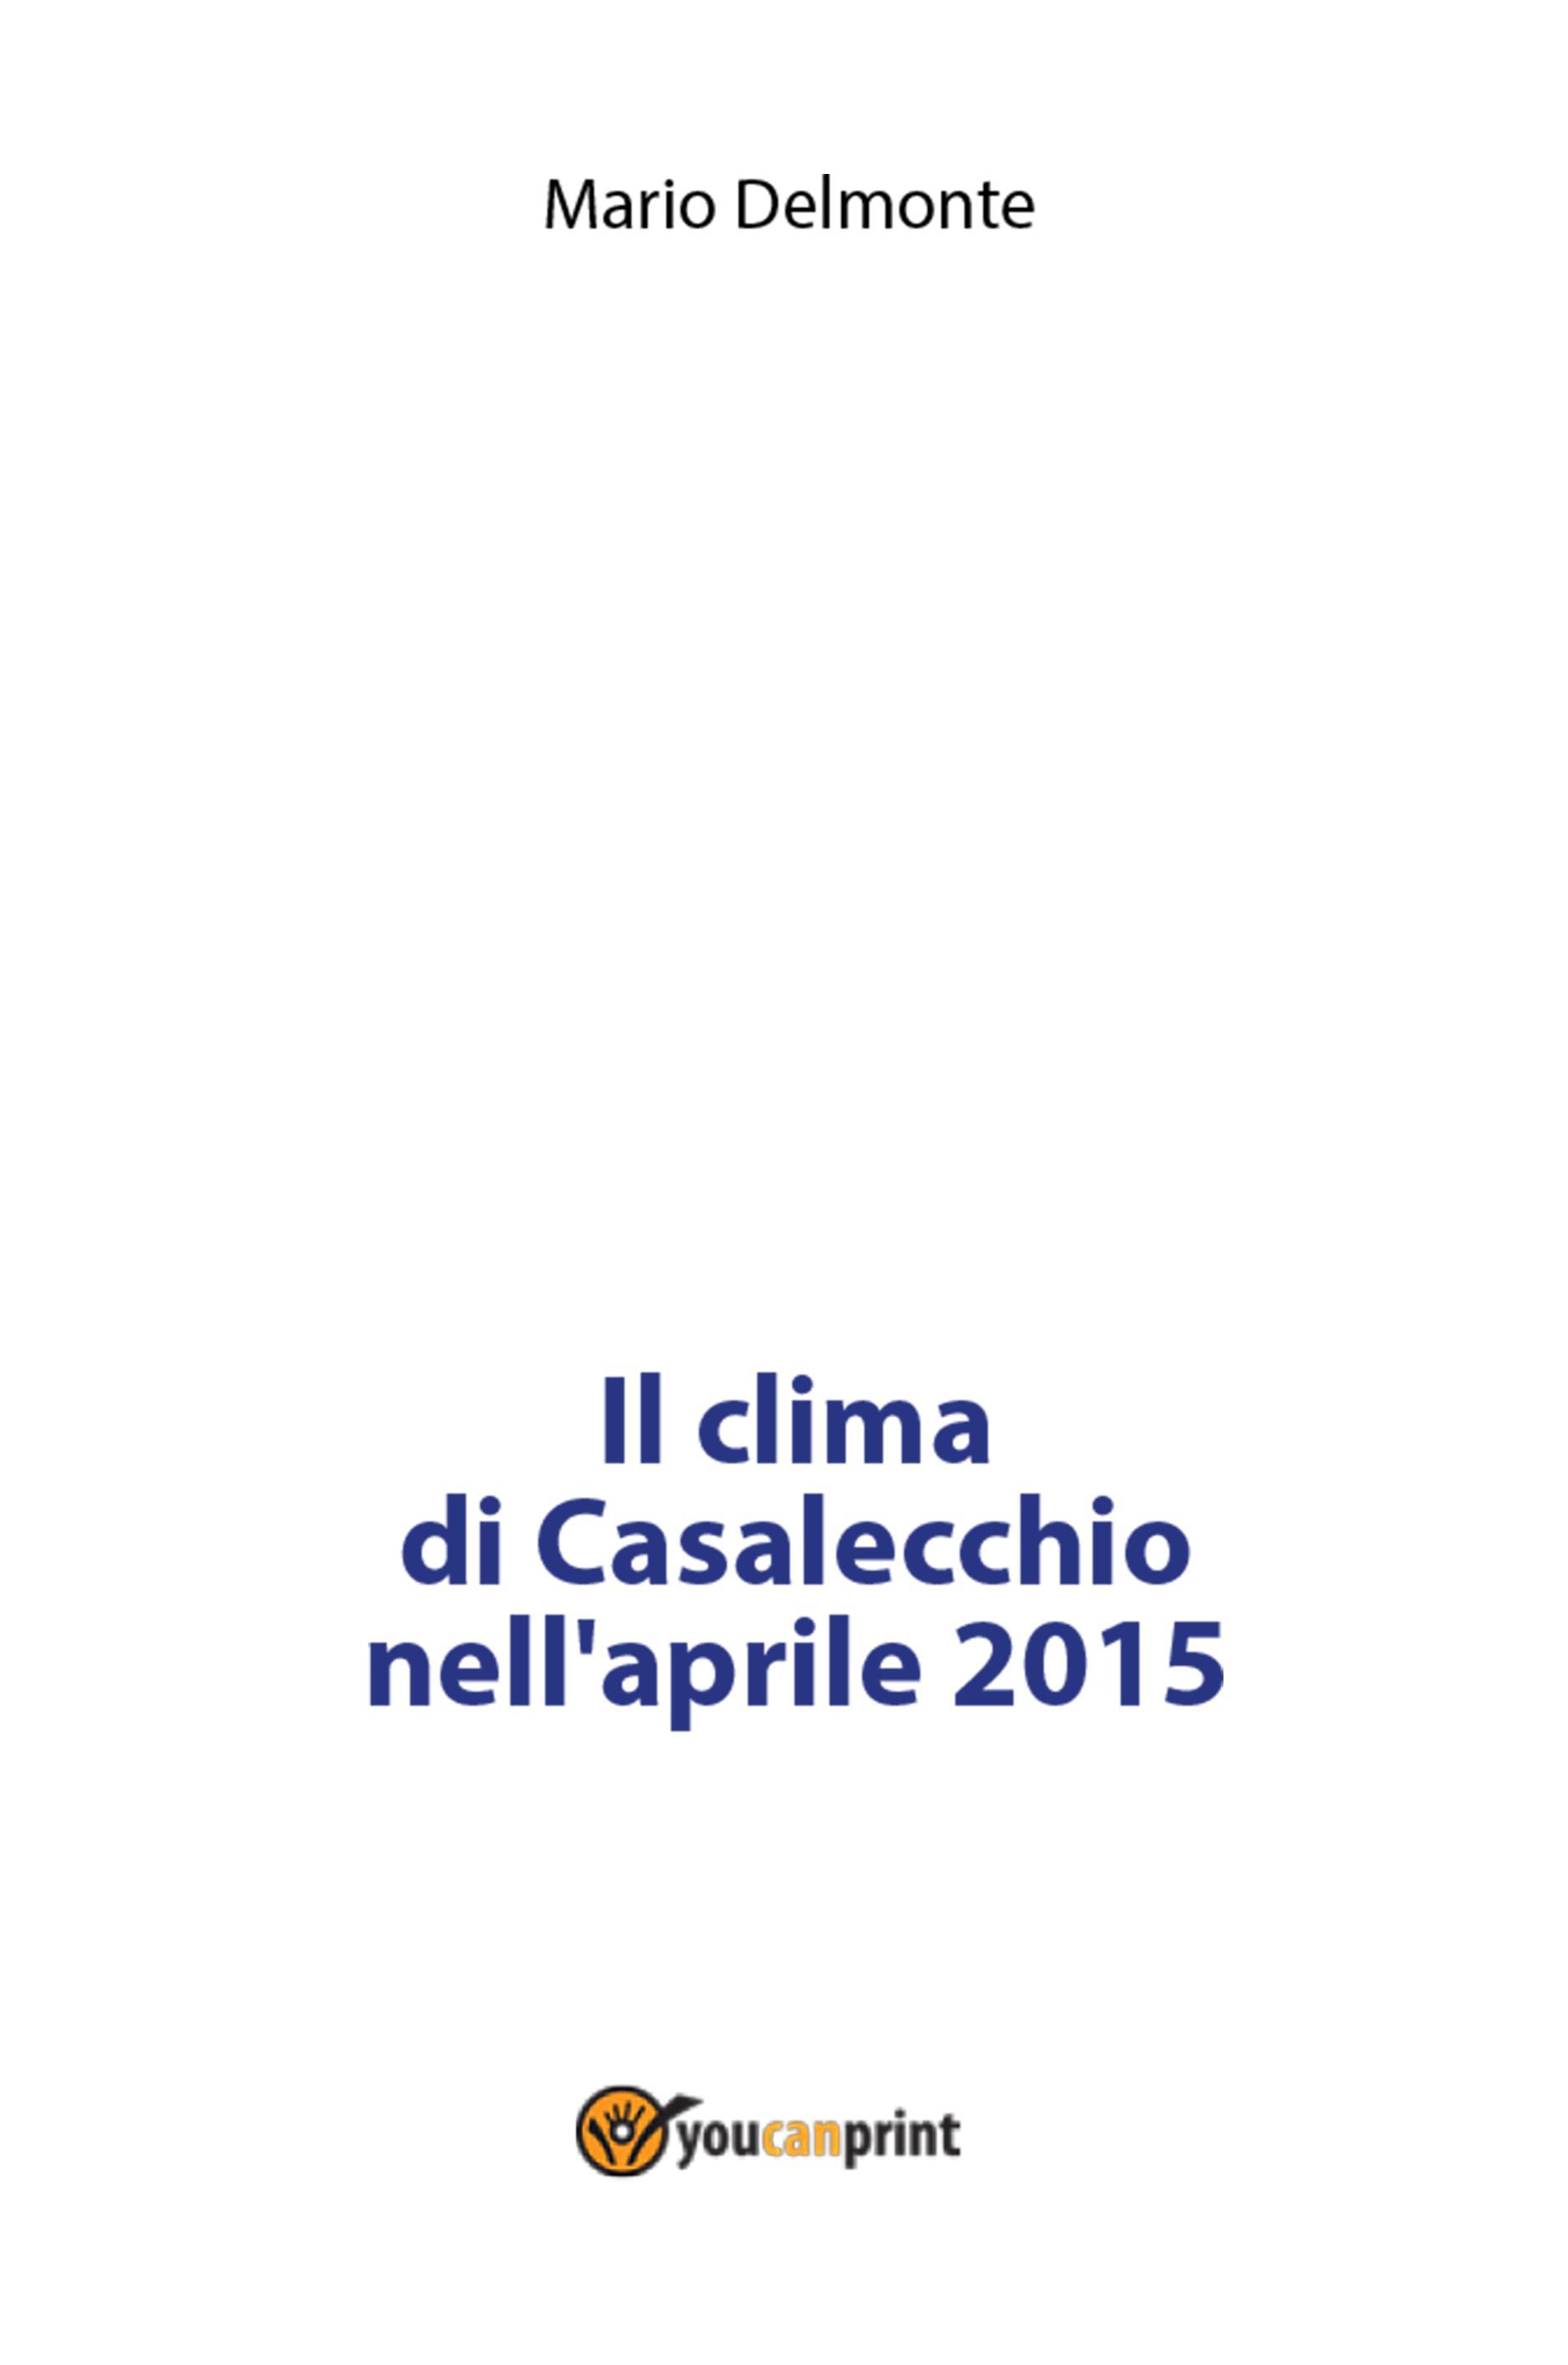 Il clima di Casalecchio nell'aprile 2015